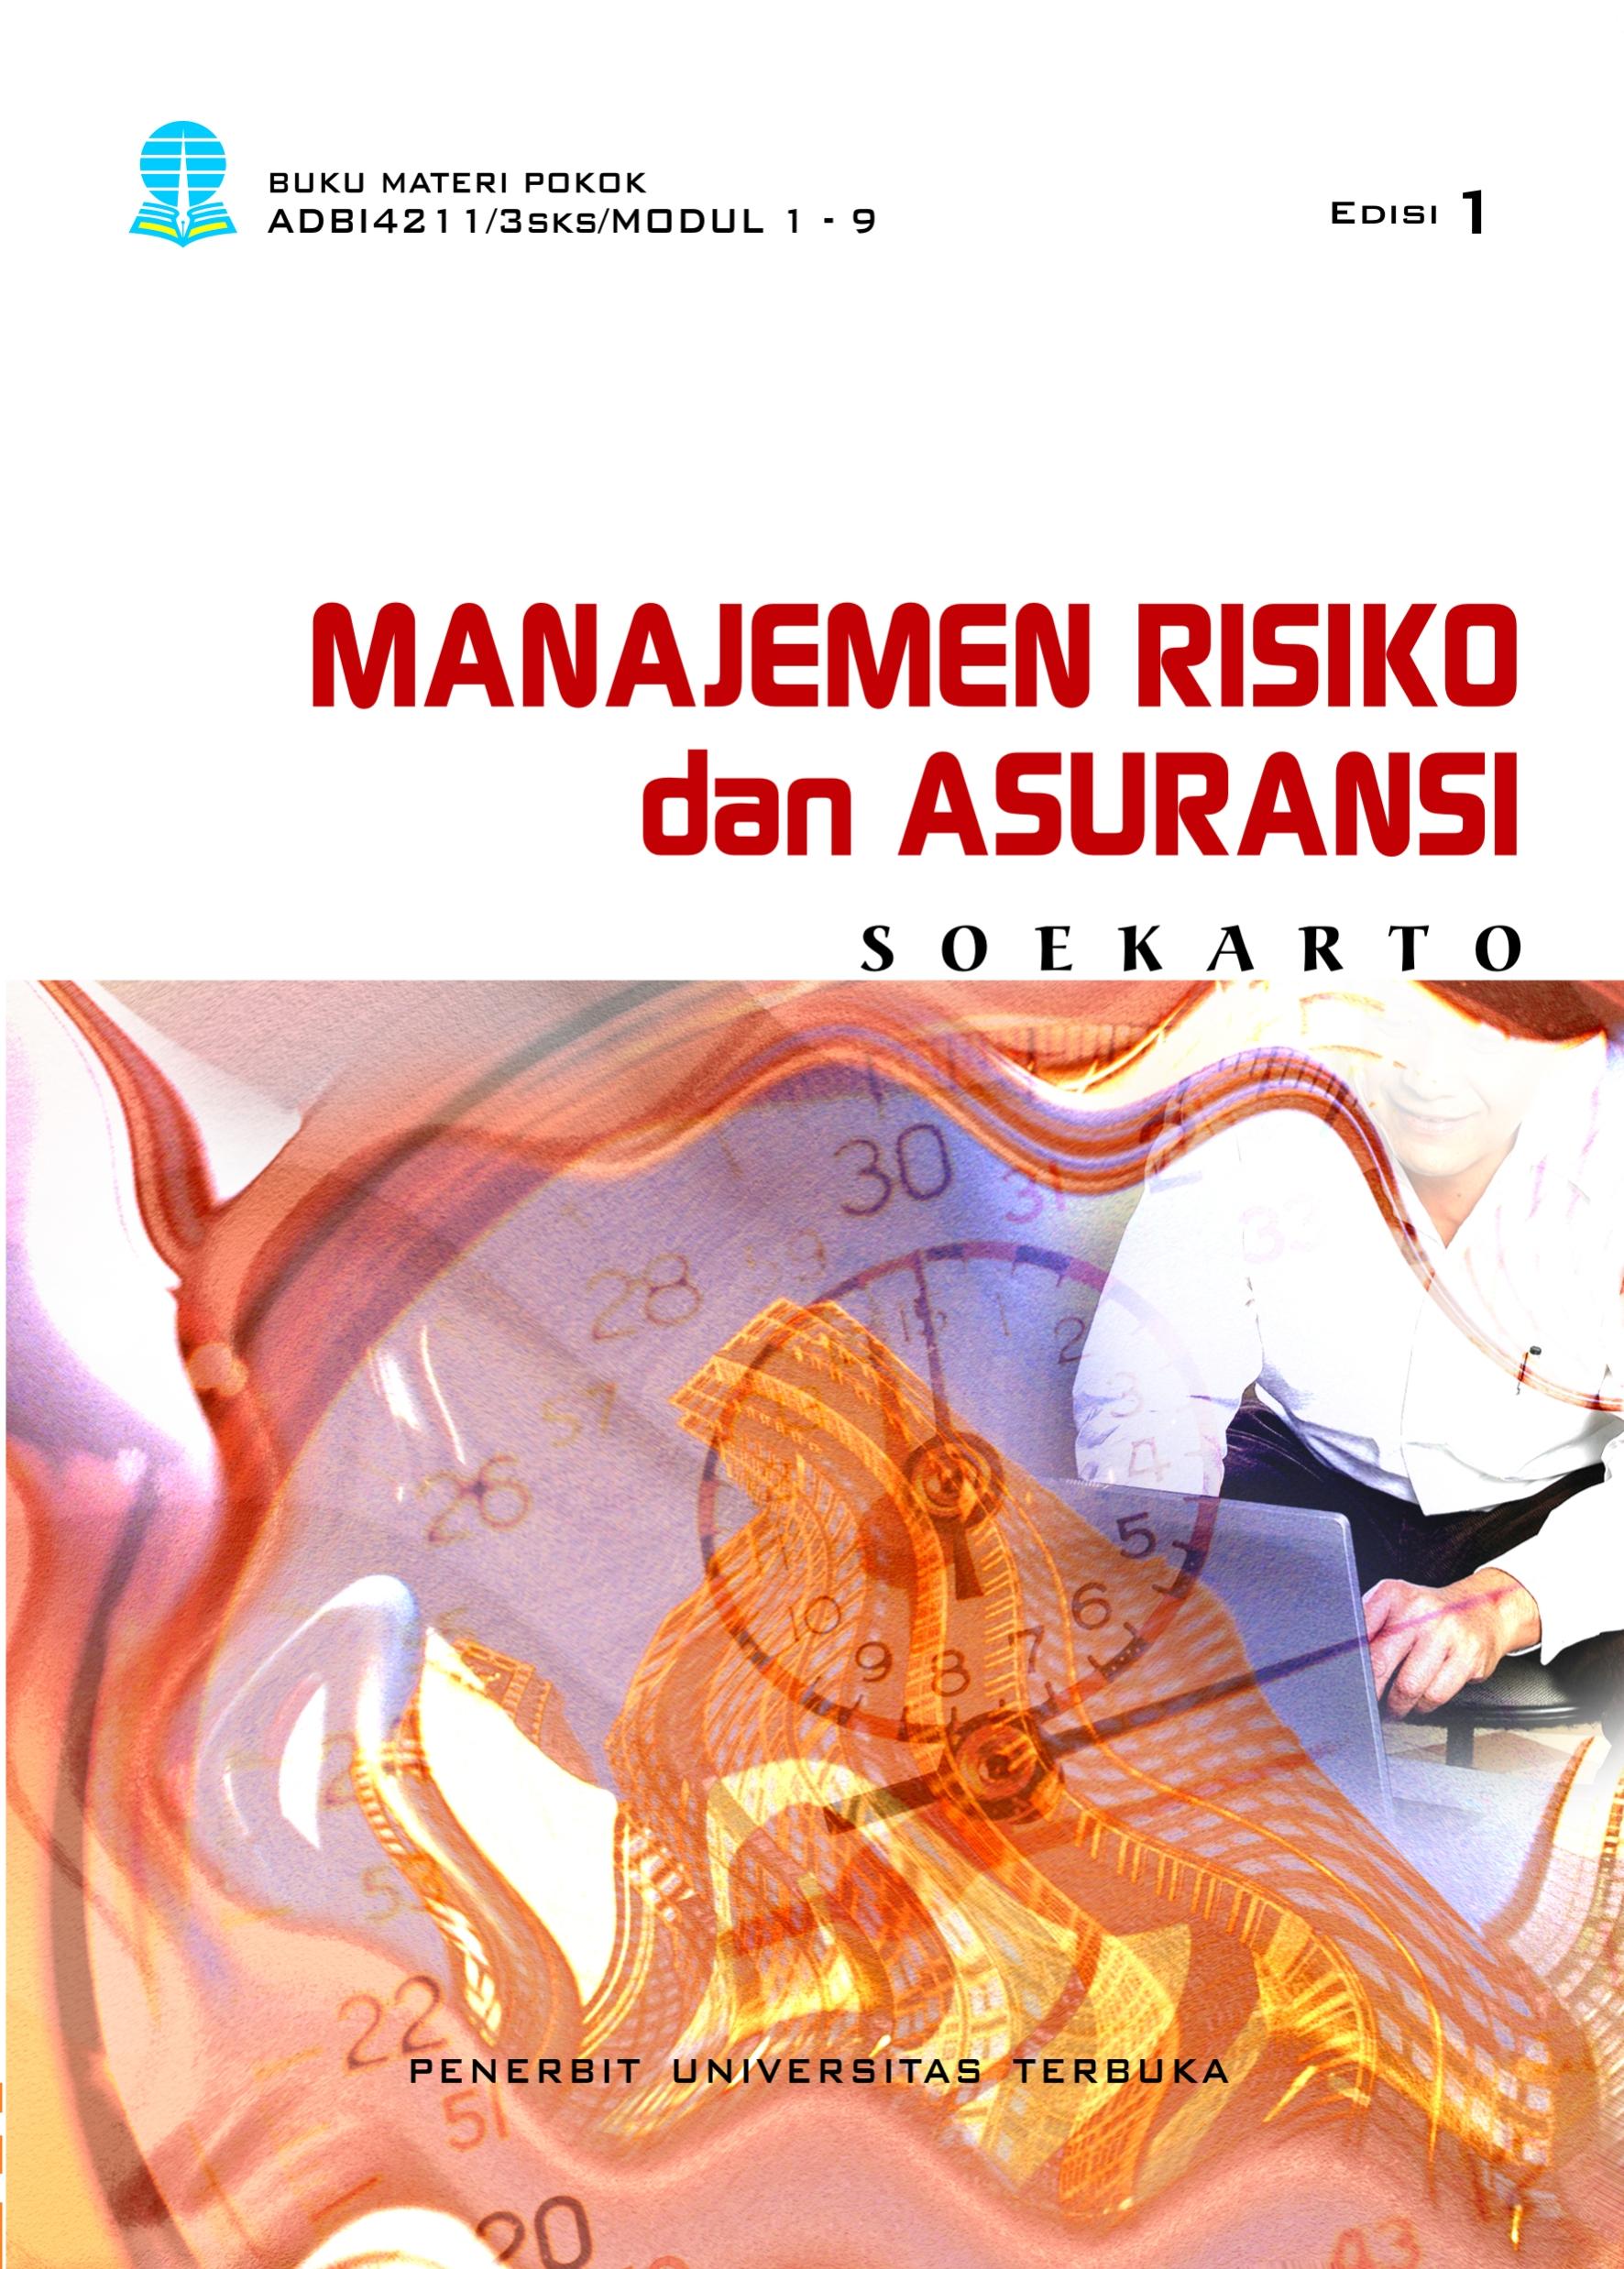 ADBI4211---Manajemen-Risiko-dan-Asuransi